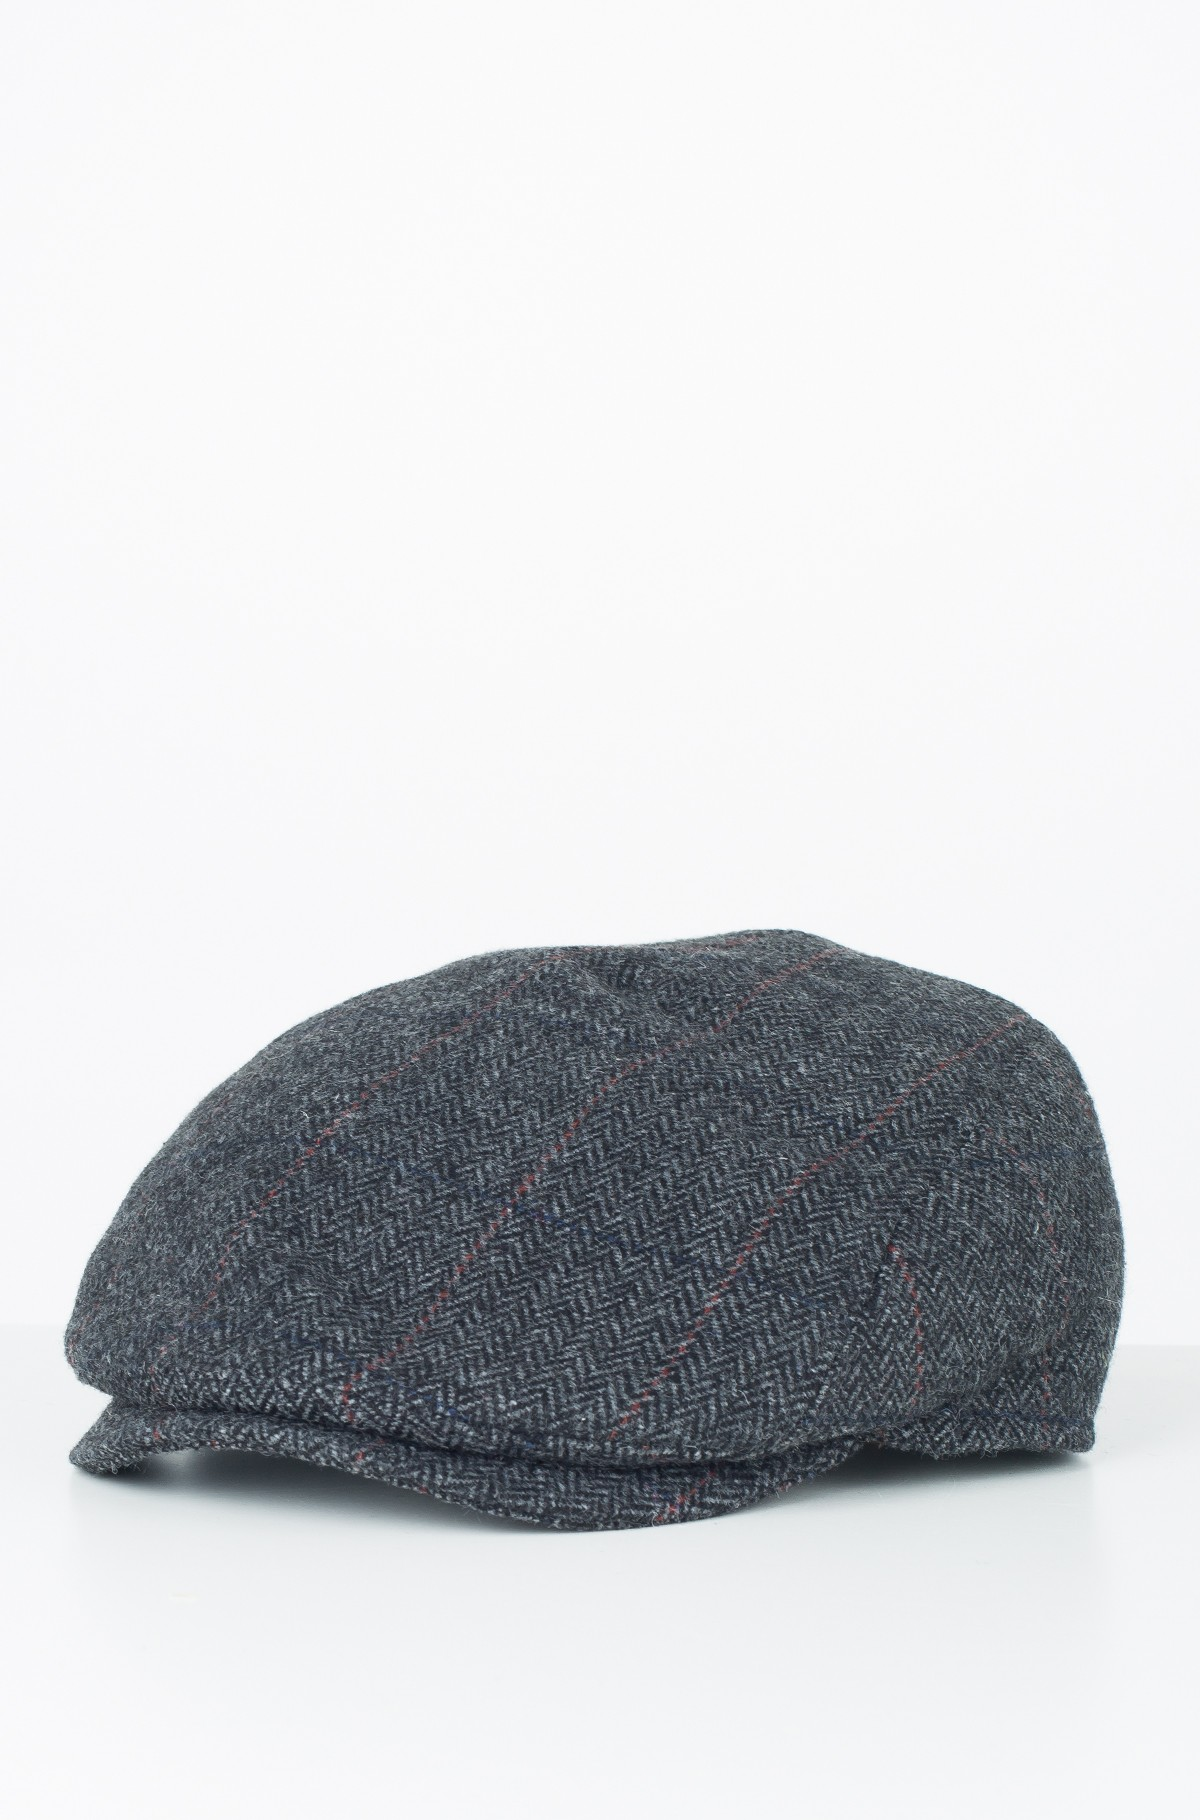 Tvido kepurė 350229-full-1